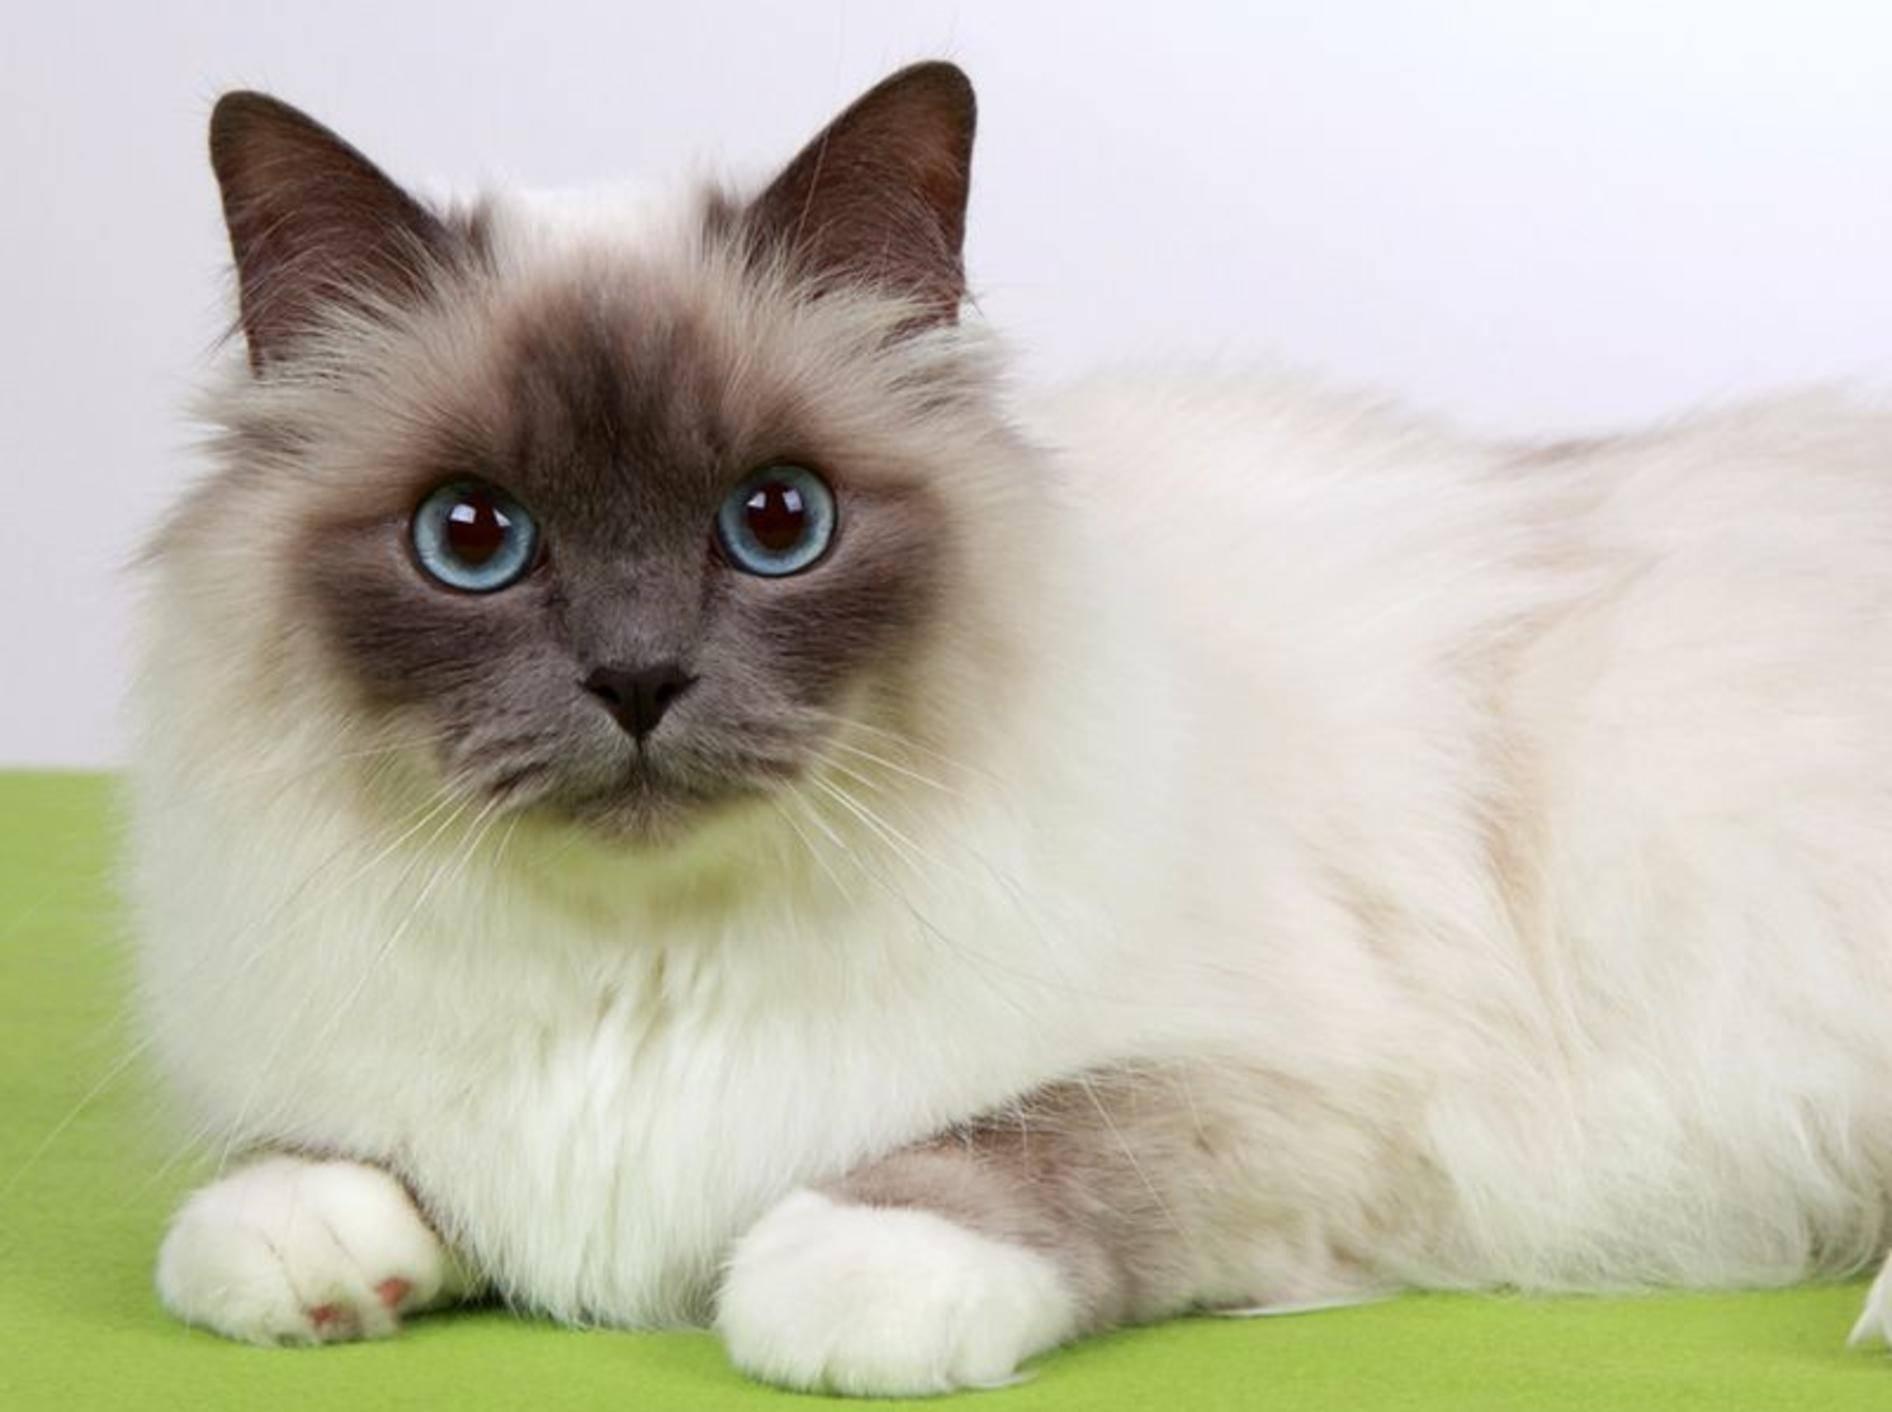 Eine schöne und liebevolle Familienkatze: Die Heilige Birma – Bild: Shutterstock / Bildagentur Zoonar GmbH